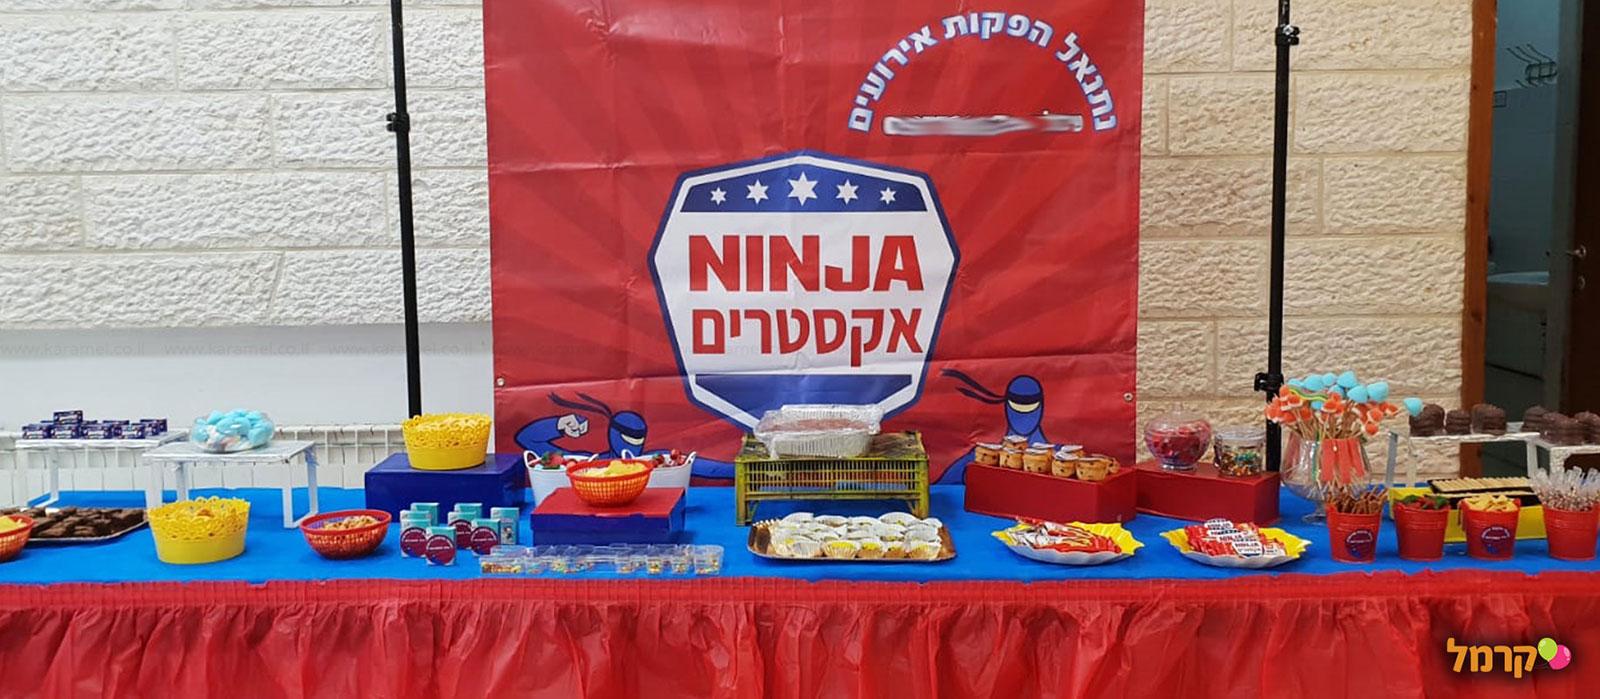 אתגר הנינג'ה ישראל - 073-7590558